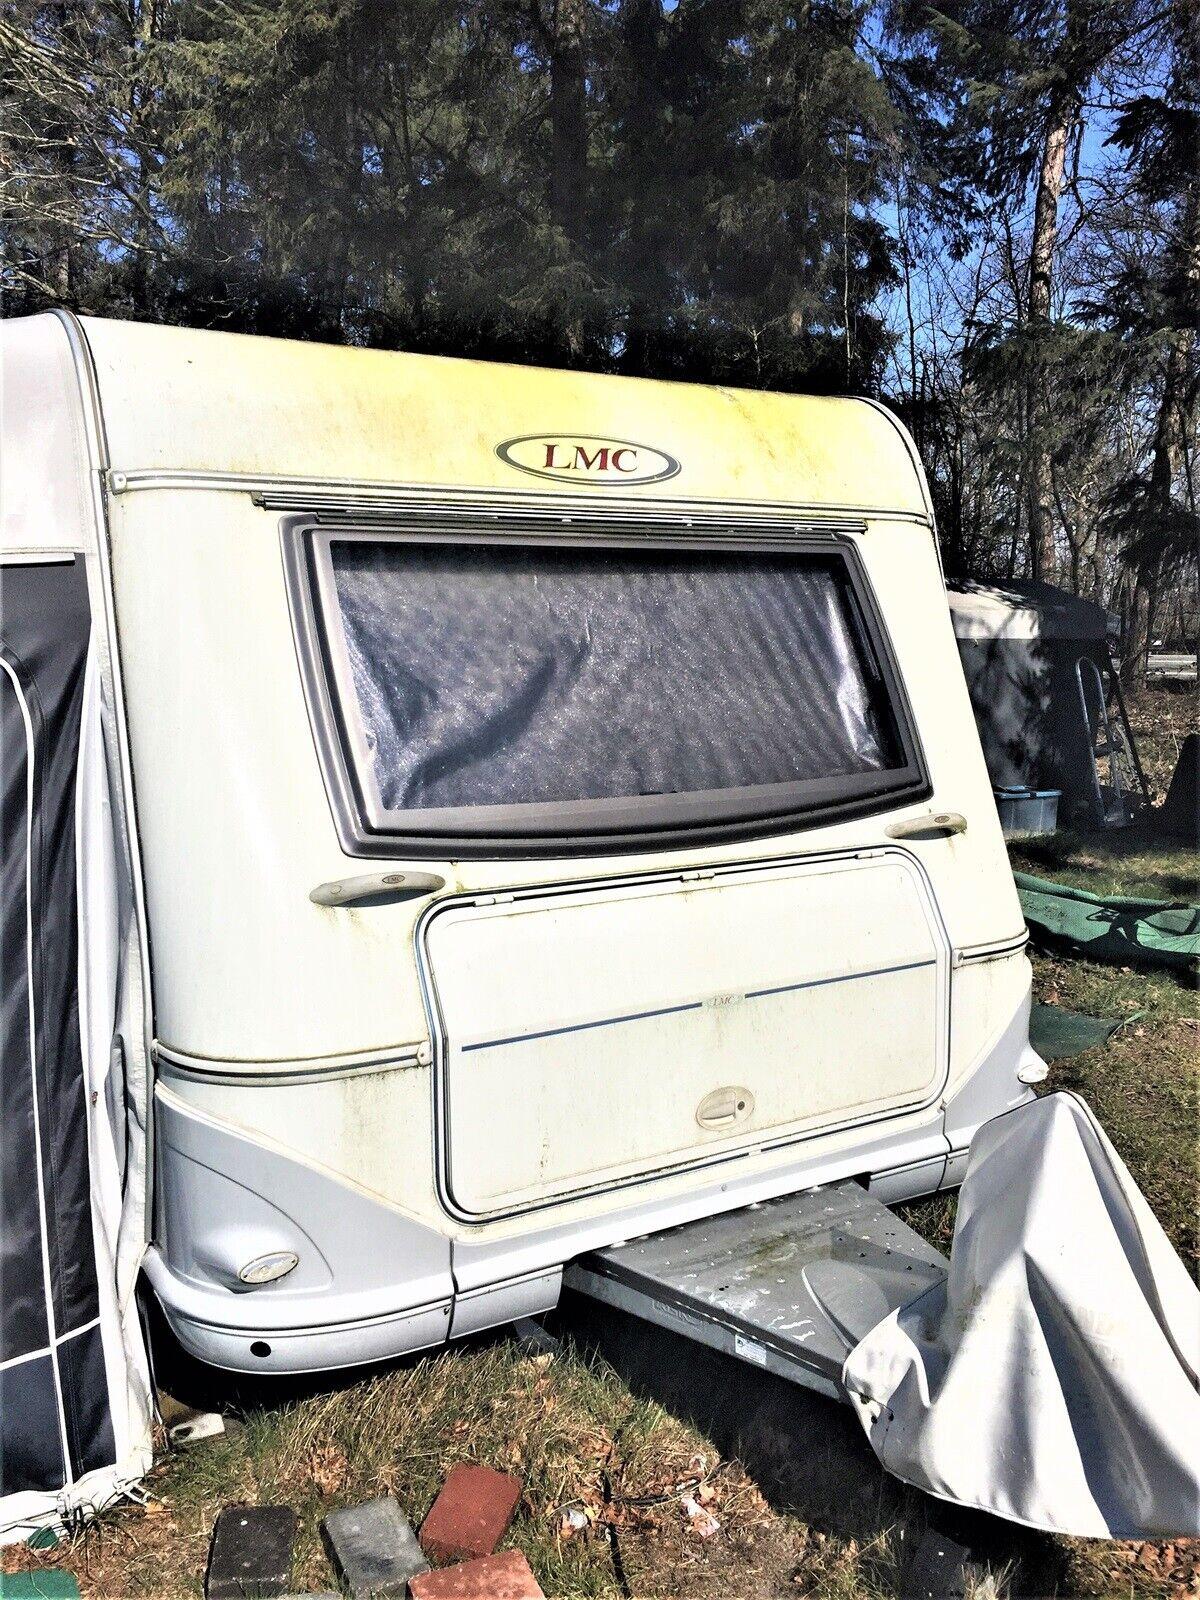 Mobil vask af campingvogne og telte – dba.dk – Køb og Salg